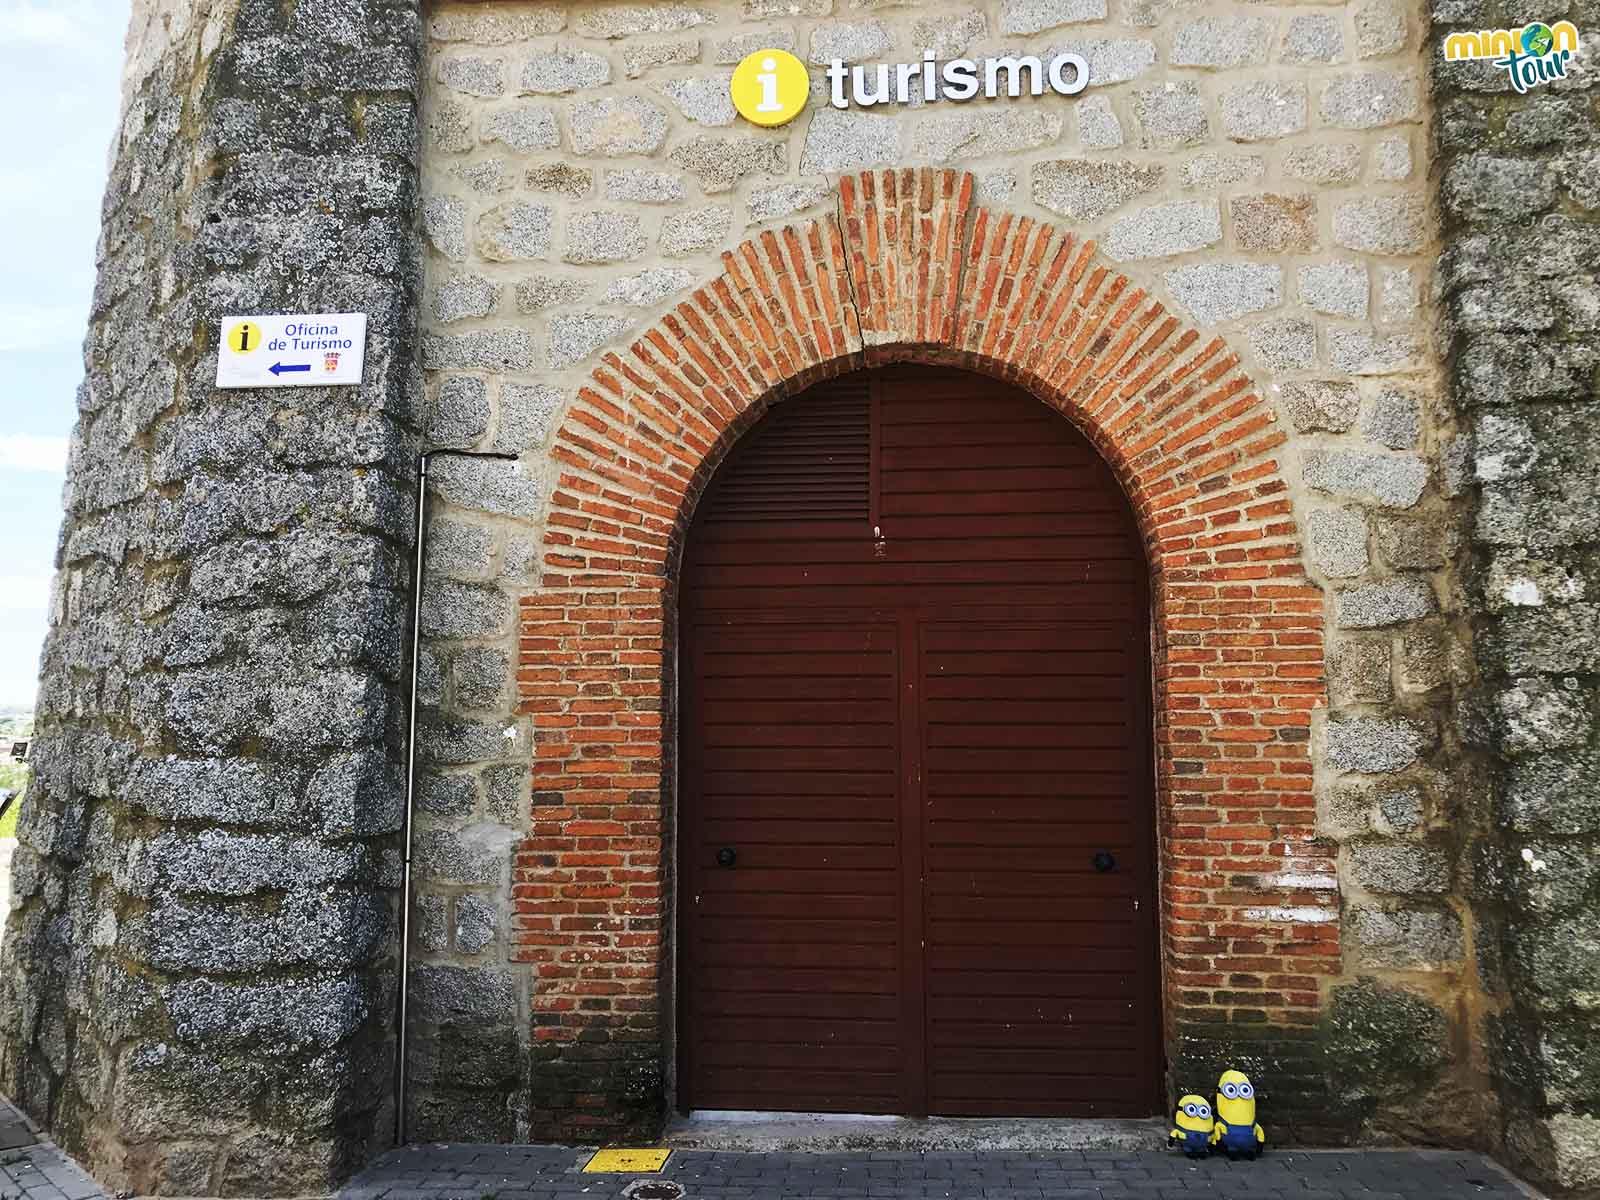 Oficina de Turismo de Escalona en la Torre del Agua